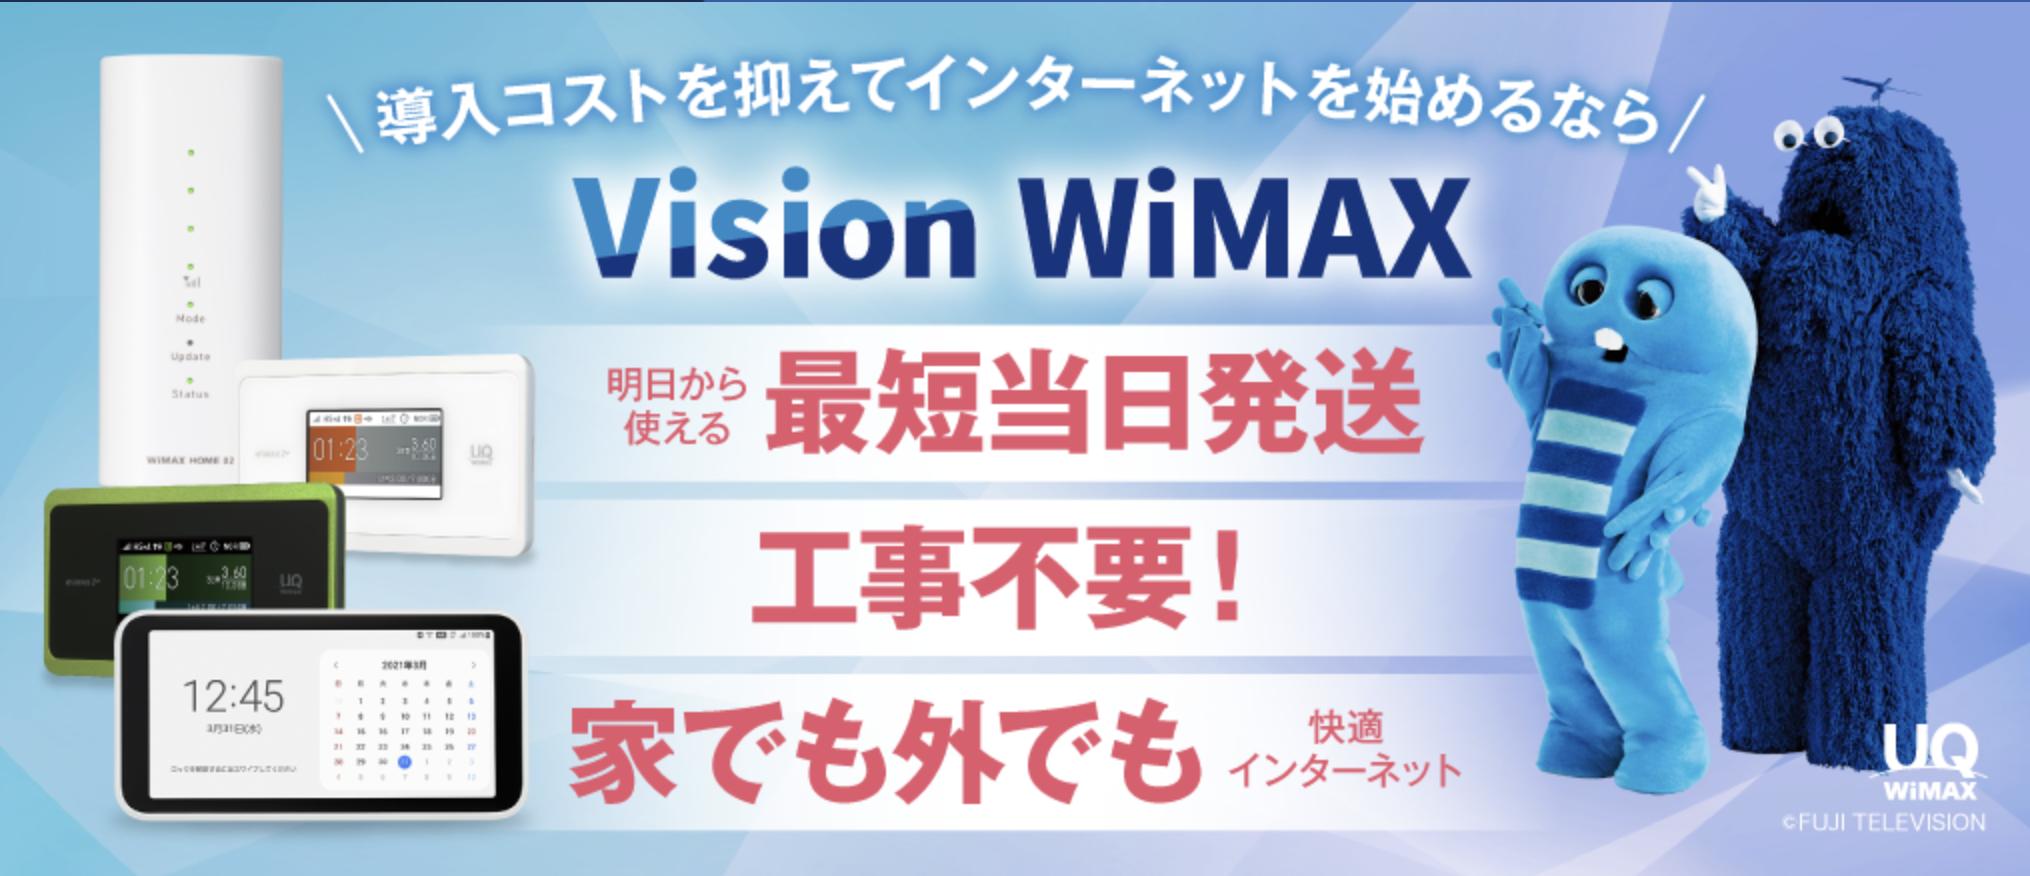 ビジョンワイマックス,WiMAX,マイル,速度,料金,月額